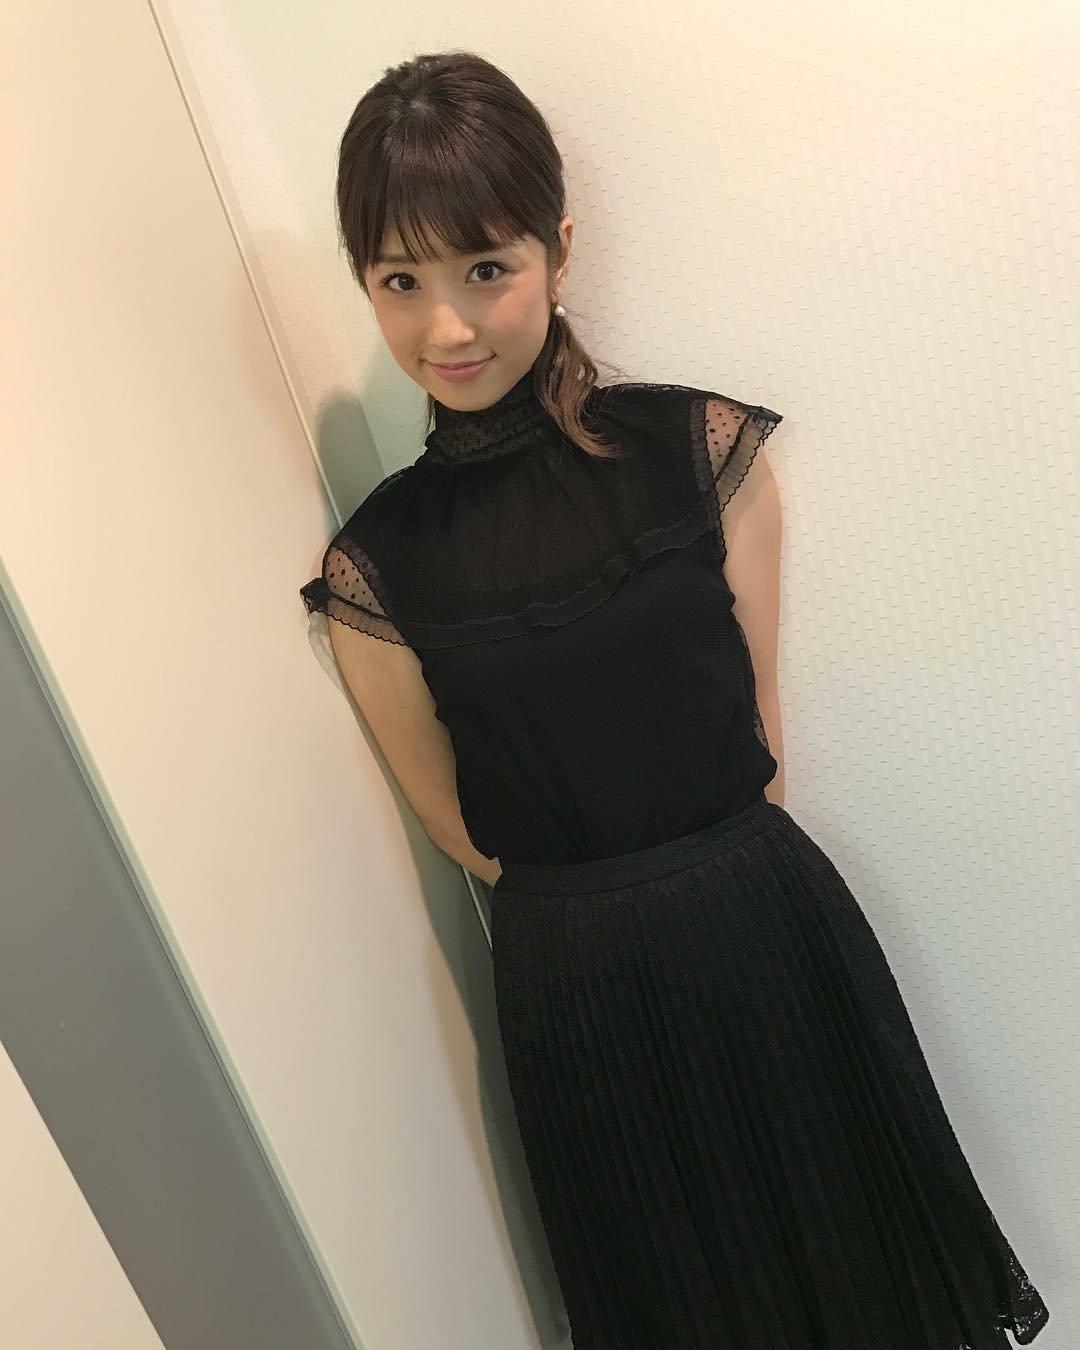 【画像】結婚・出産・離婚をしてからの小倉優子が母性に溢れててエロ可愛い!!